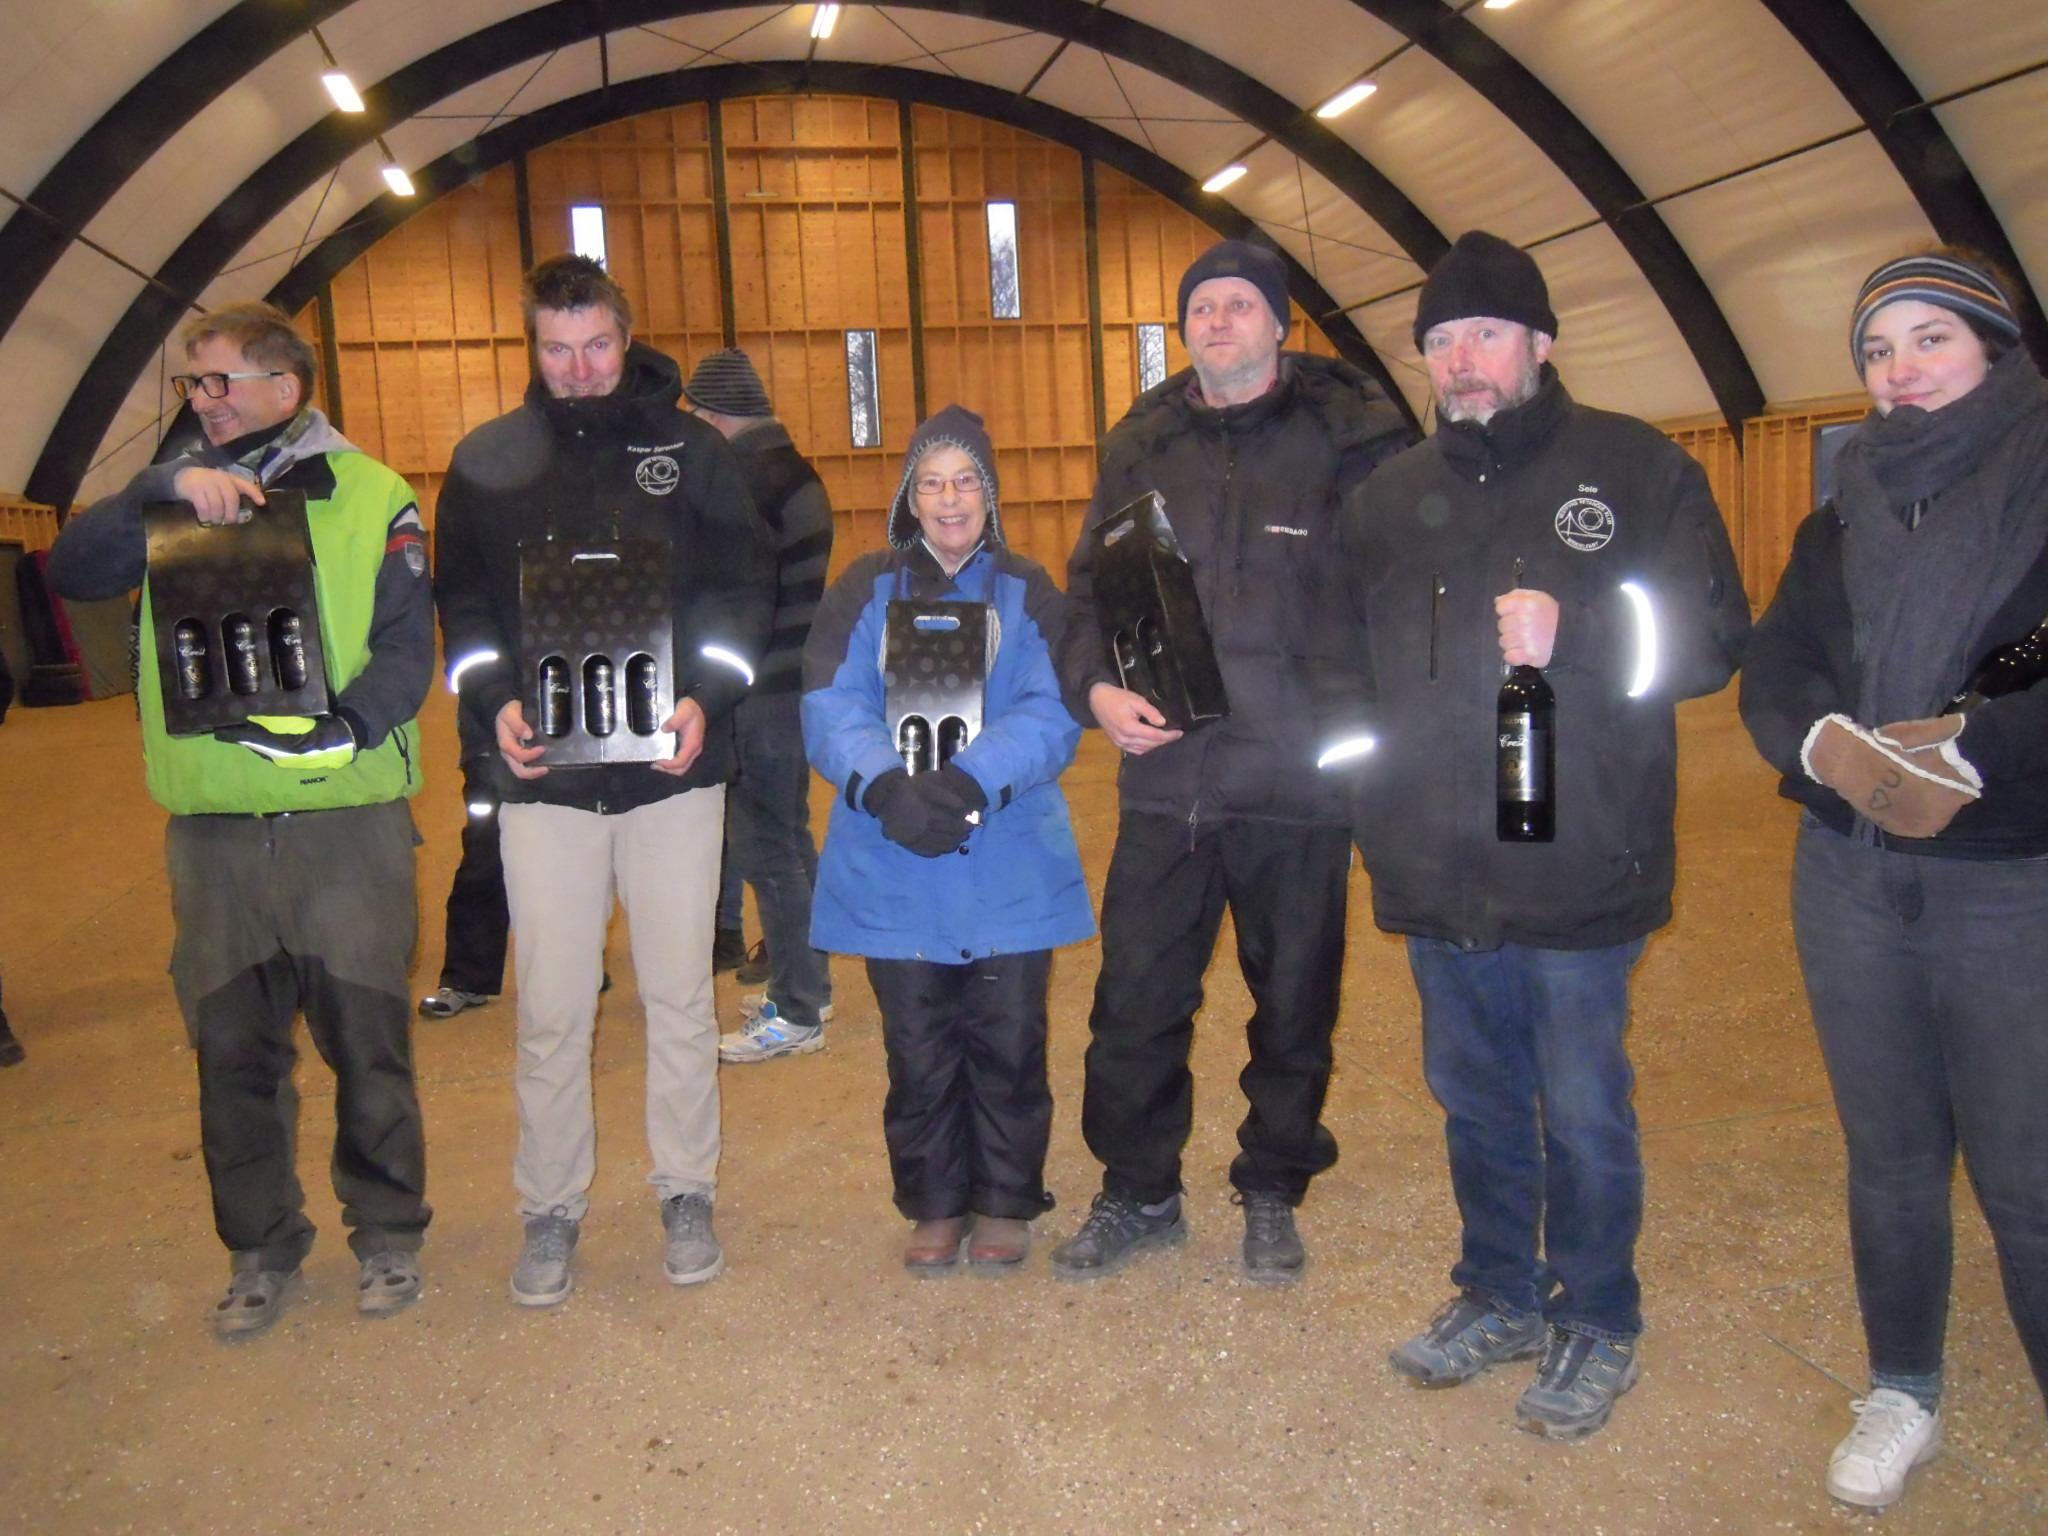 nr. 1Jens Erik Bull og Kasper Sørensen Vestfyn nr. 2 Sissel Bryhn ióg Mikkel Pedersen Lynge nr. 3 Jesper Sele og Katrine Junge Vestfyn